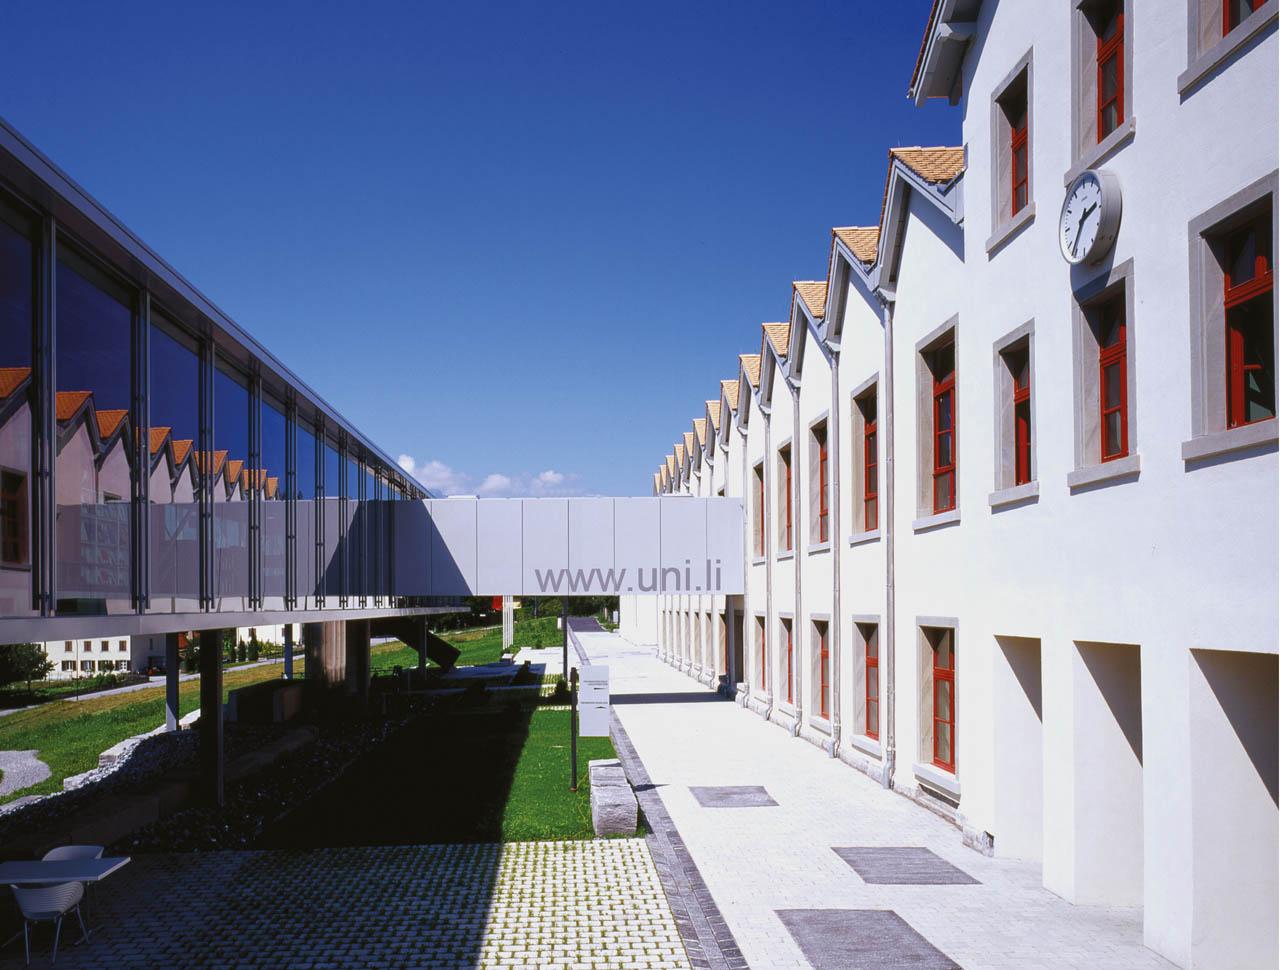 Universität Liechtenstein, Vaduz, Fürstentum Liechtenstein